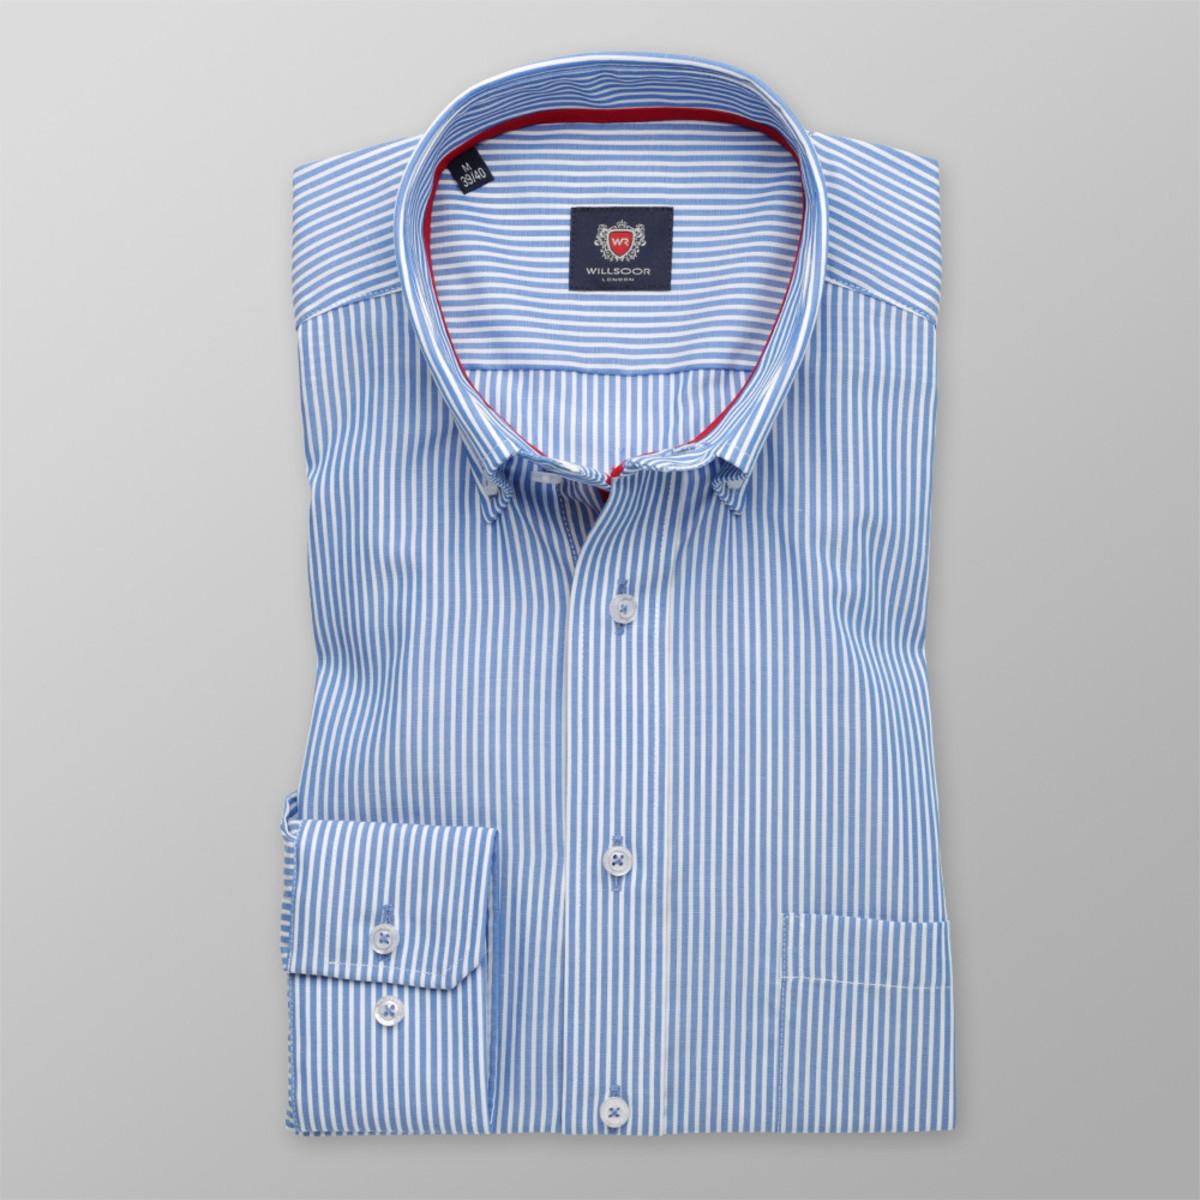 Pánska klasická košeľa London (výška 176-182) 8648 v modré farbe s pásikmi a úpravou 2W Plus 176-182 / XL (43/44)